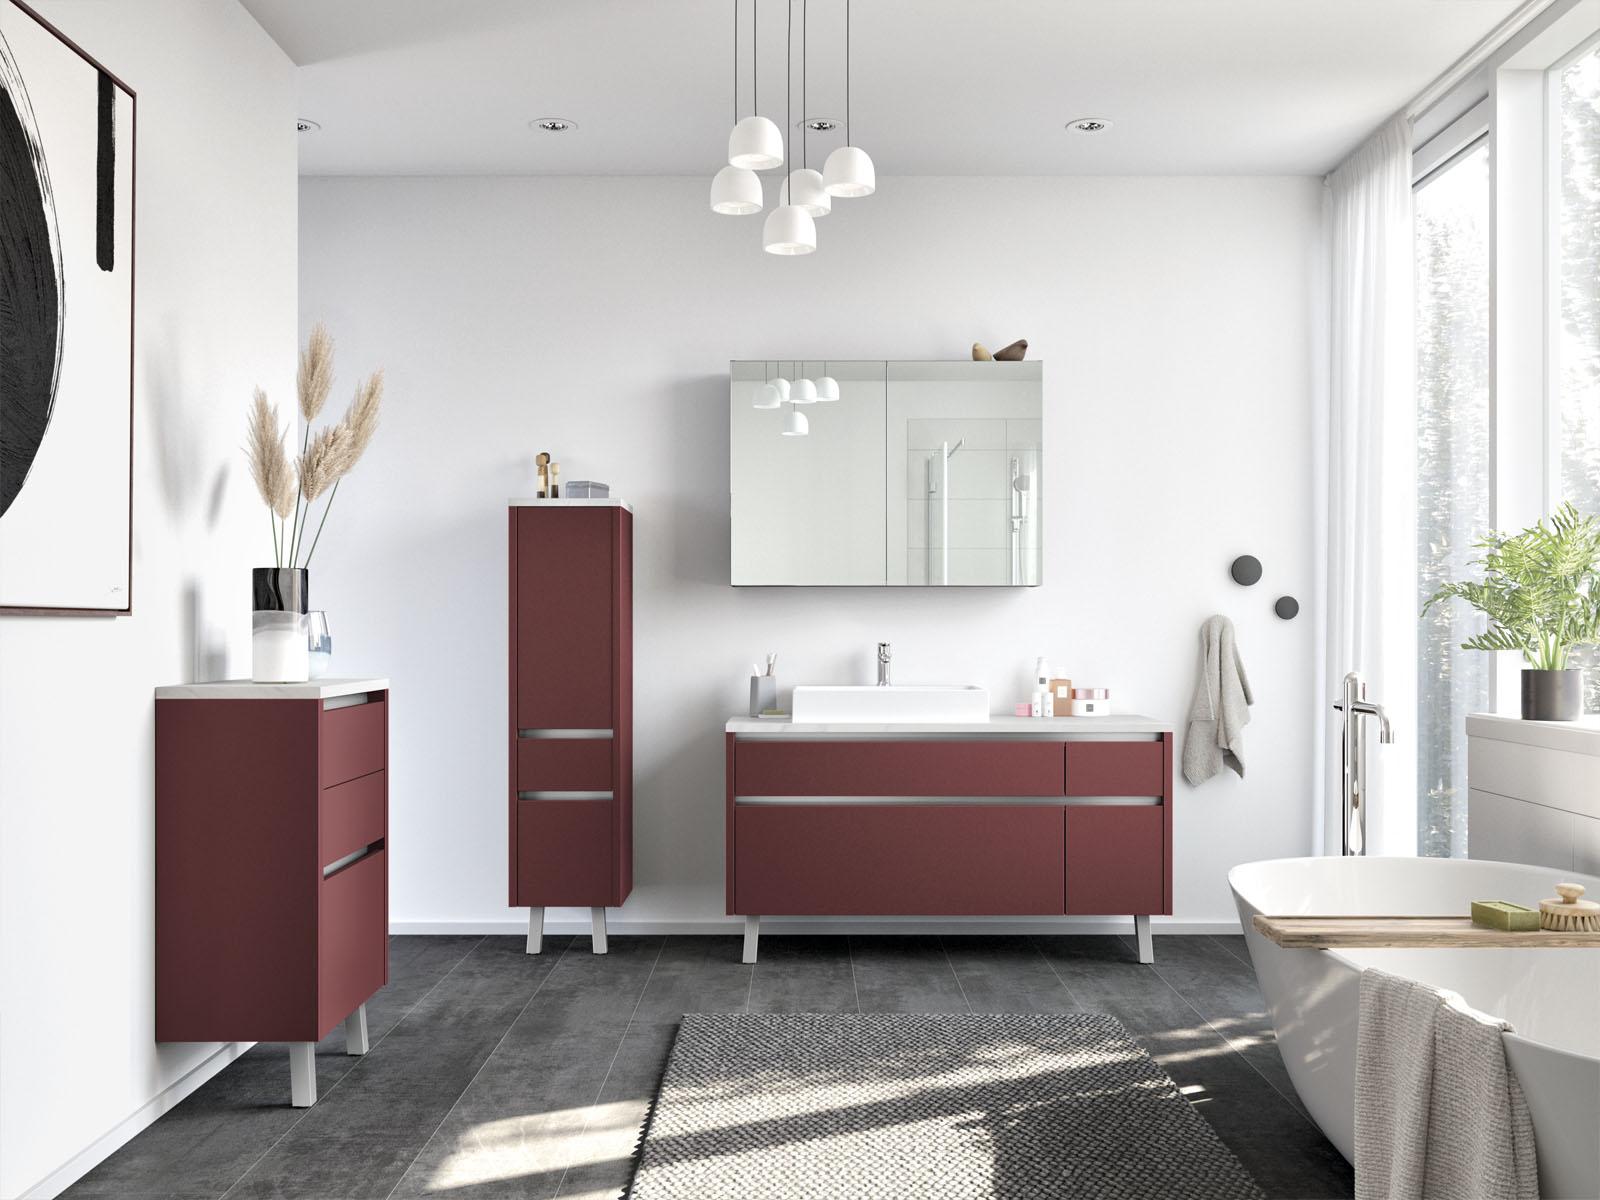 Küchentime Easytouch 963 - Bathroom